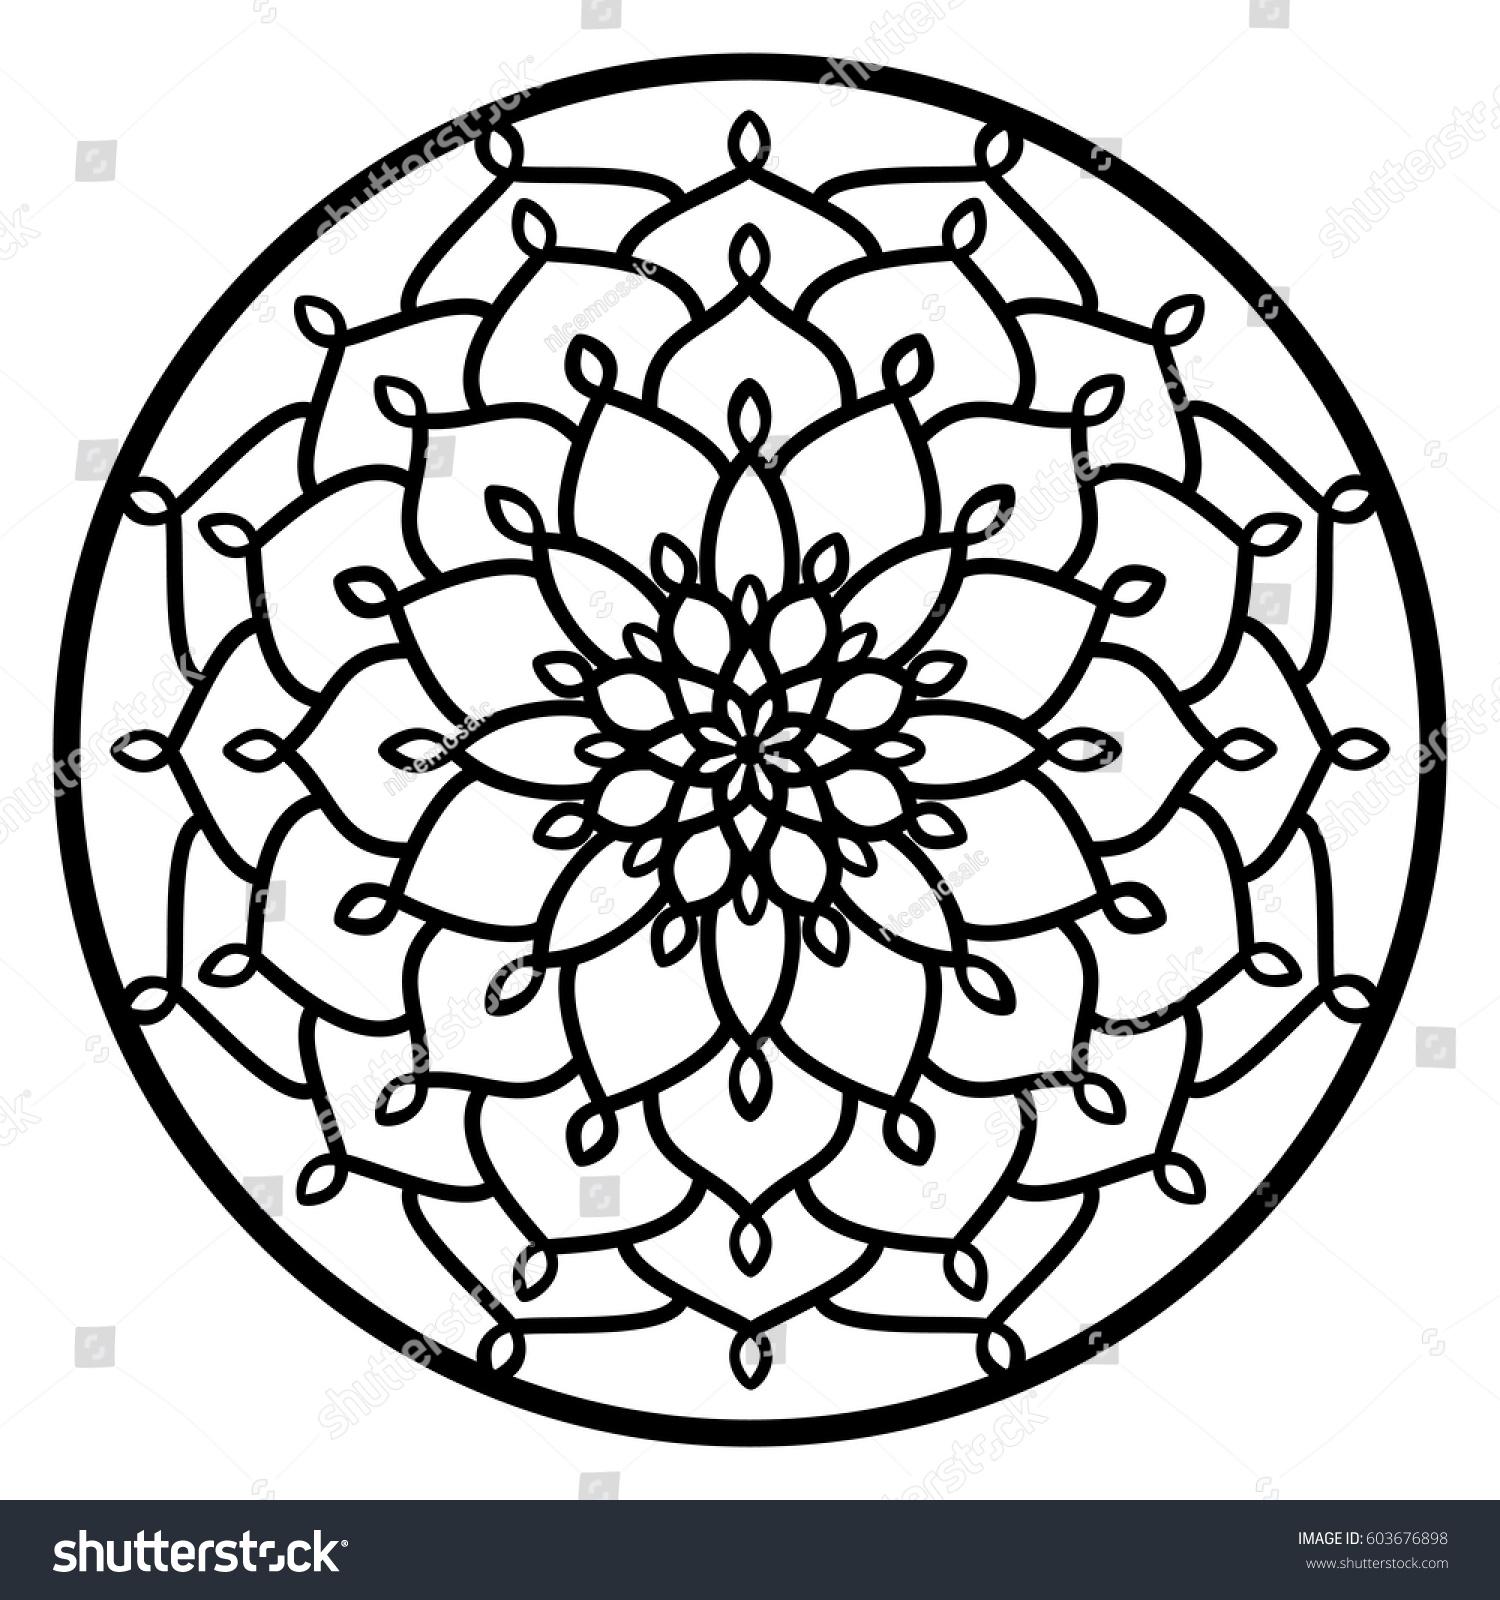 Vector Stencil Lacy Round Ornament Mandala Stock Vector 603676898 ...